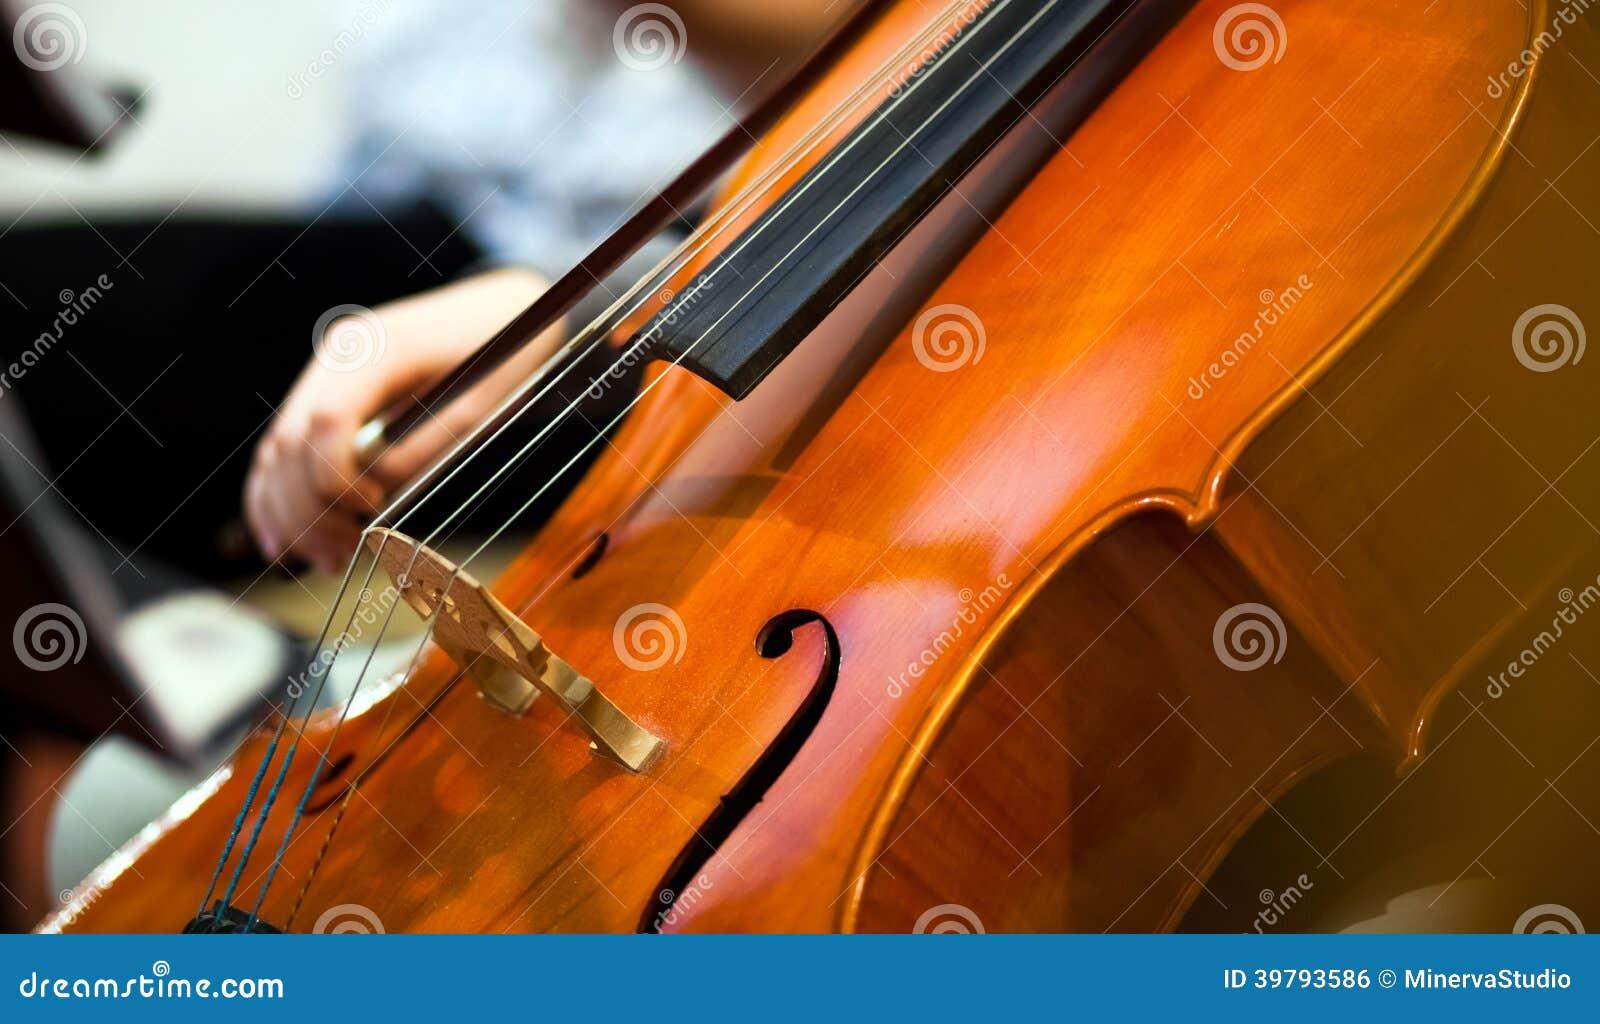 Violoncel